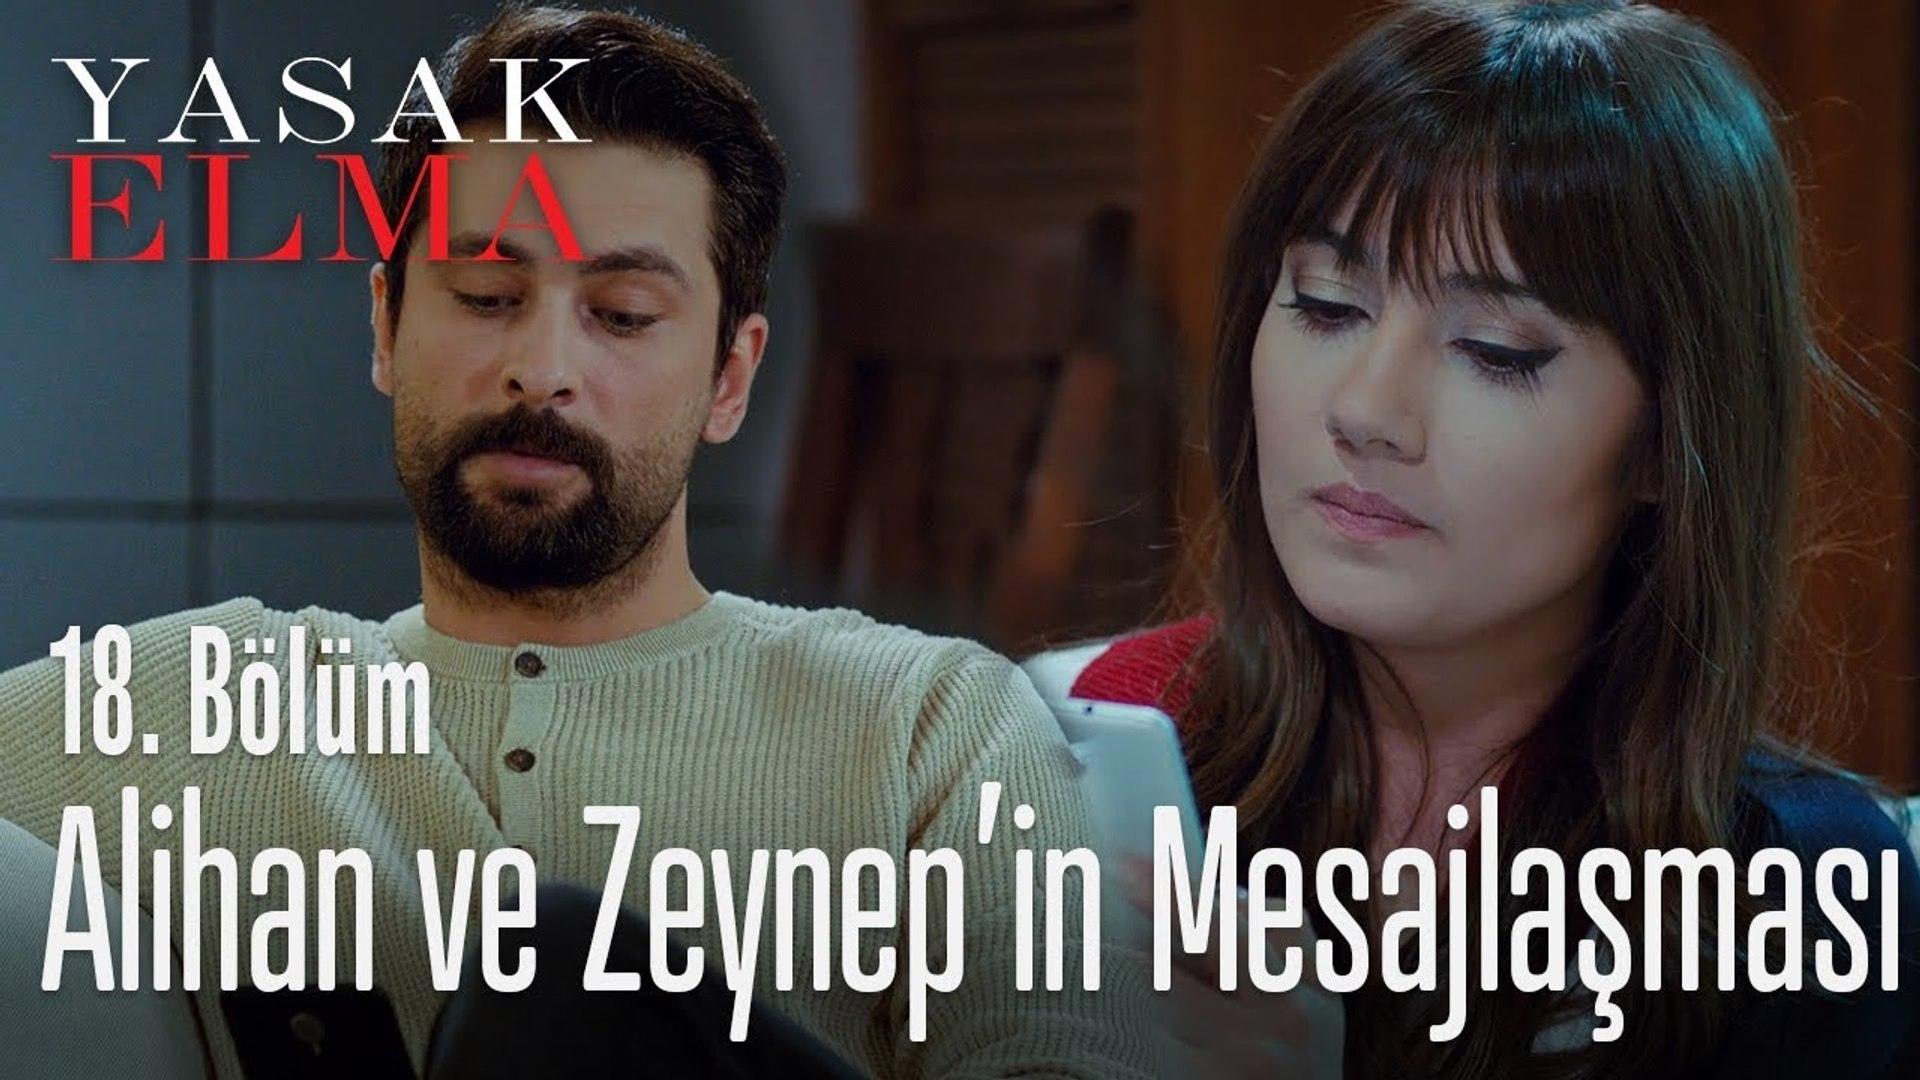 Zeynep ve Alihan'ın mesajlaşması - Yasak Elma 18. Bölüm